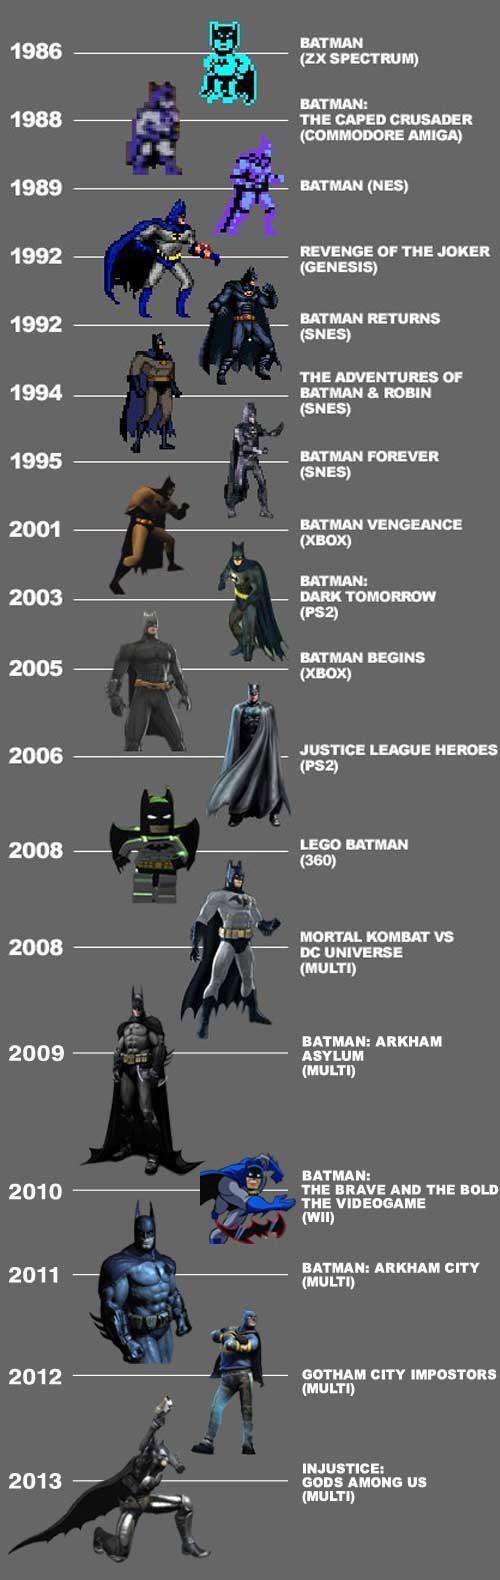 Batman y Superman: La evolución de sus logos y trajes - Guioteca